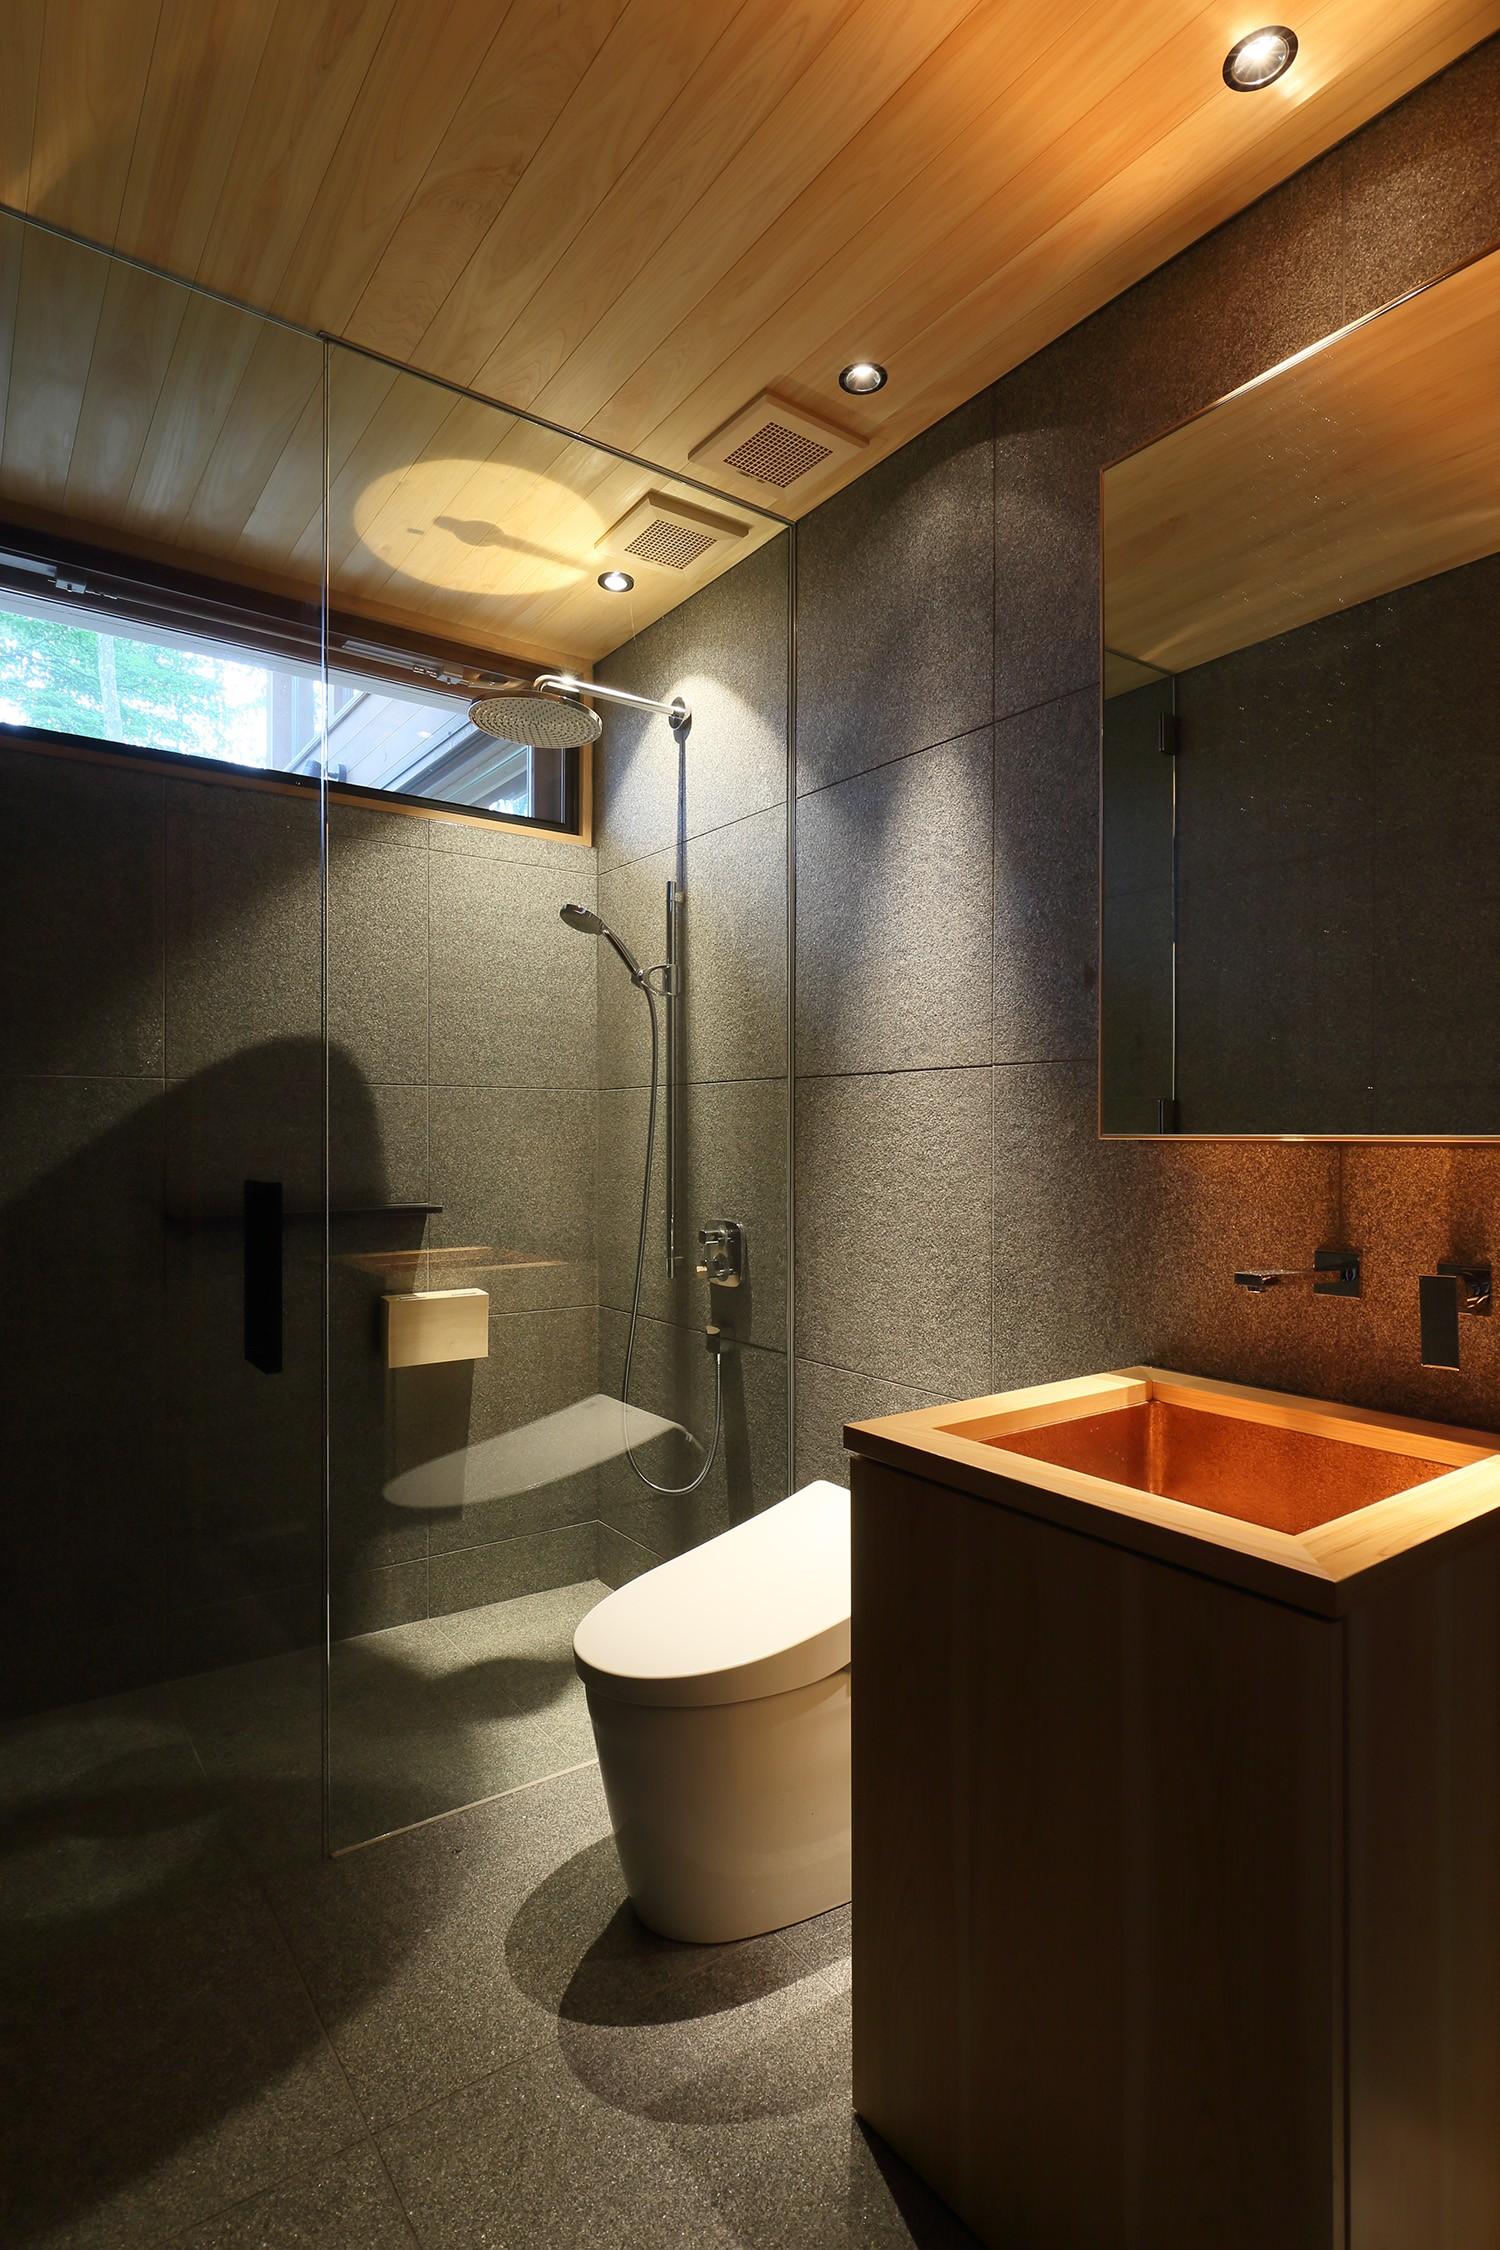 バス/トイレ事例:洗面所(OJ山荘)